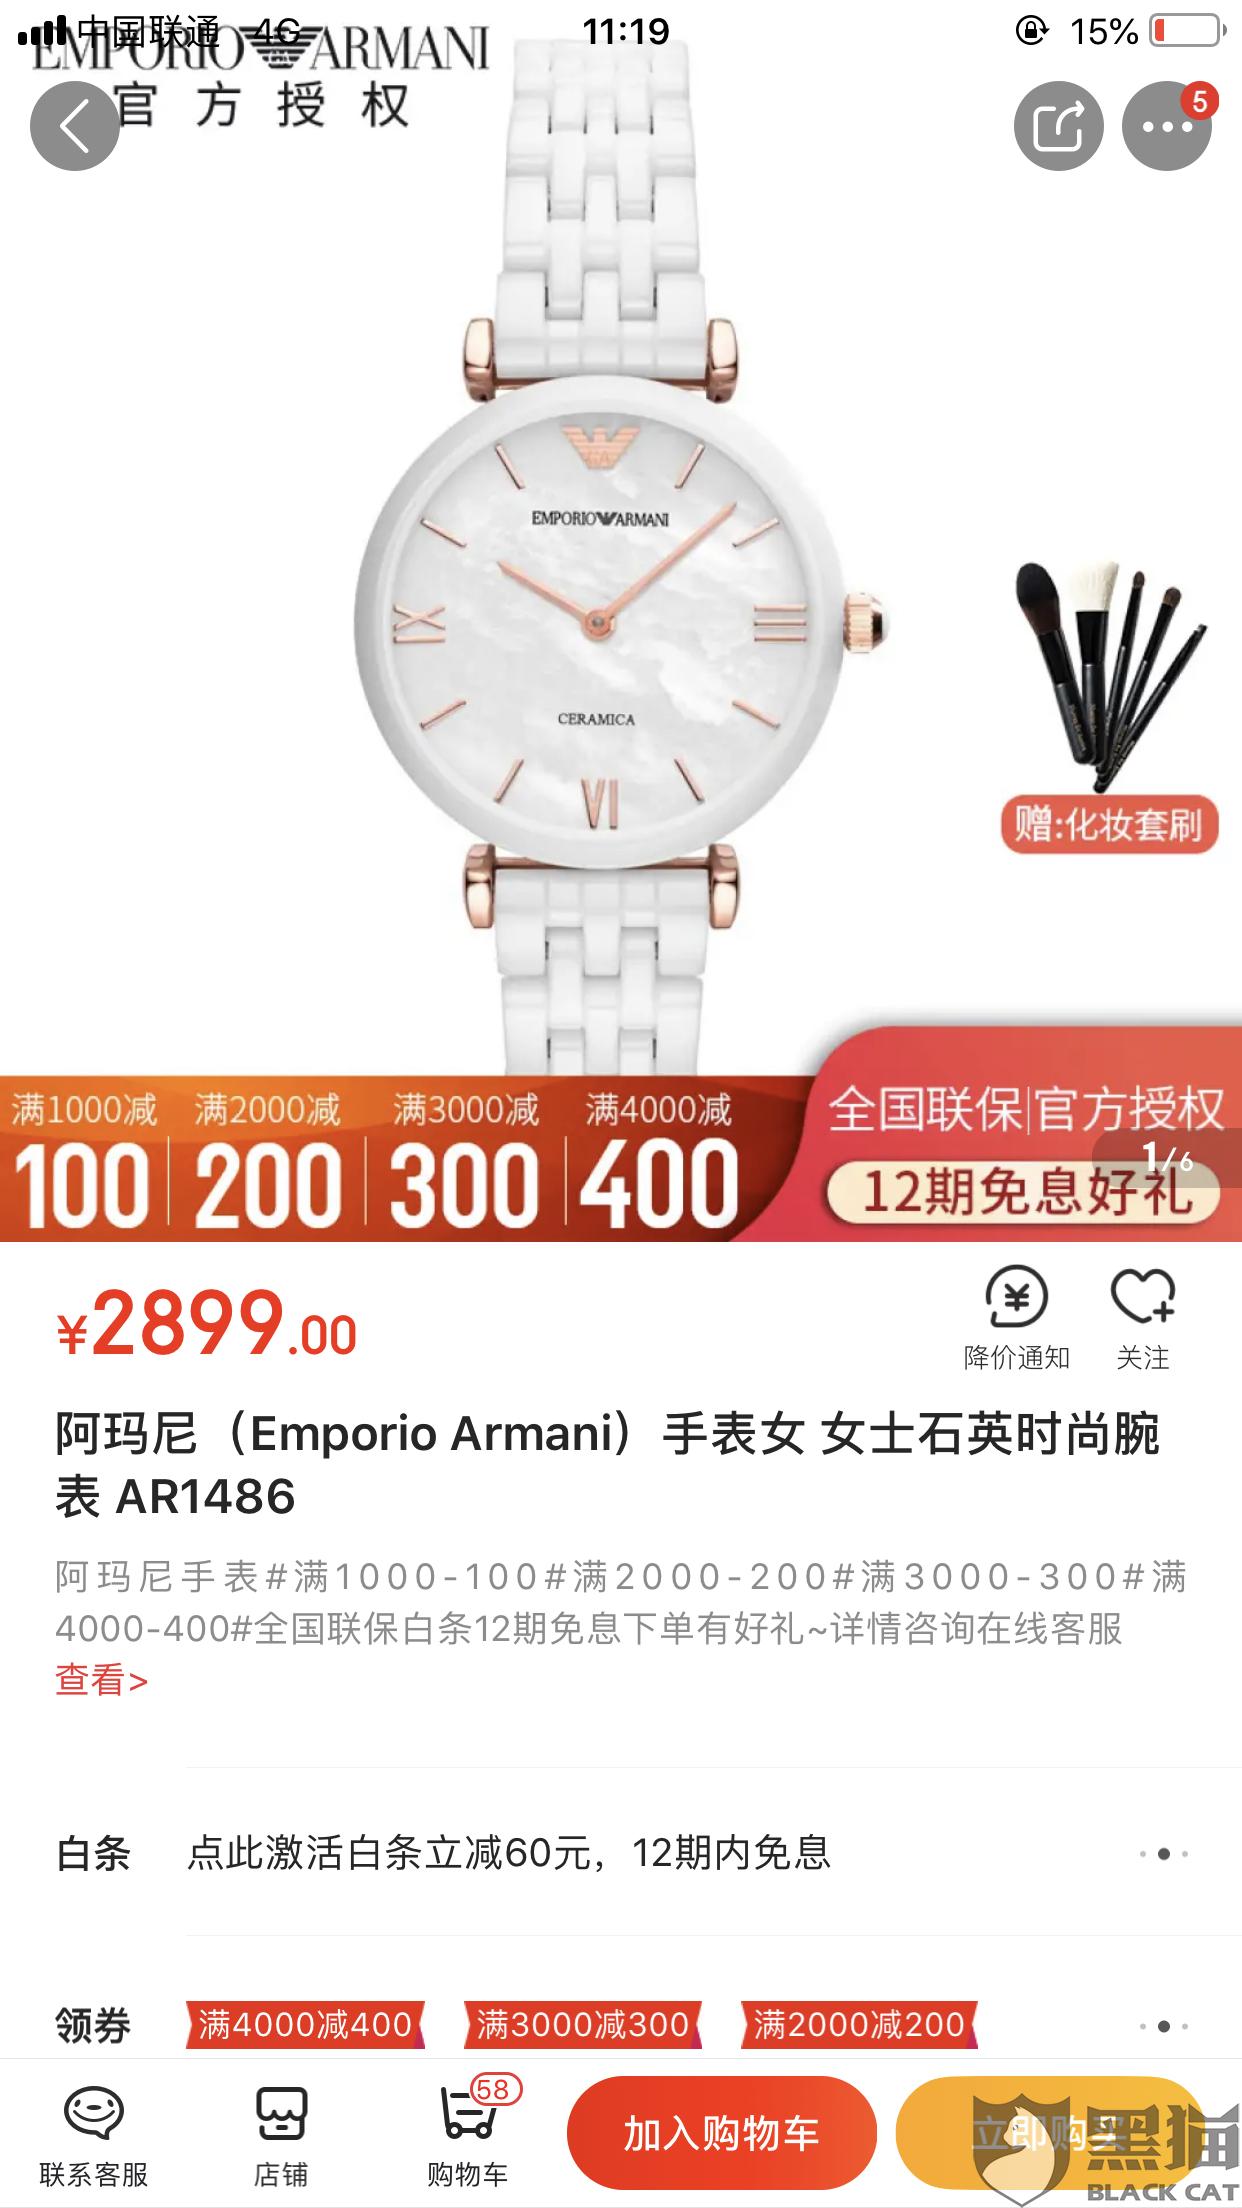 黑猫投诉:米戈手表专营店卖假货,苏宁平台处理无力